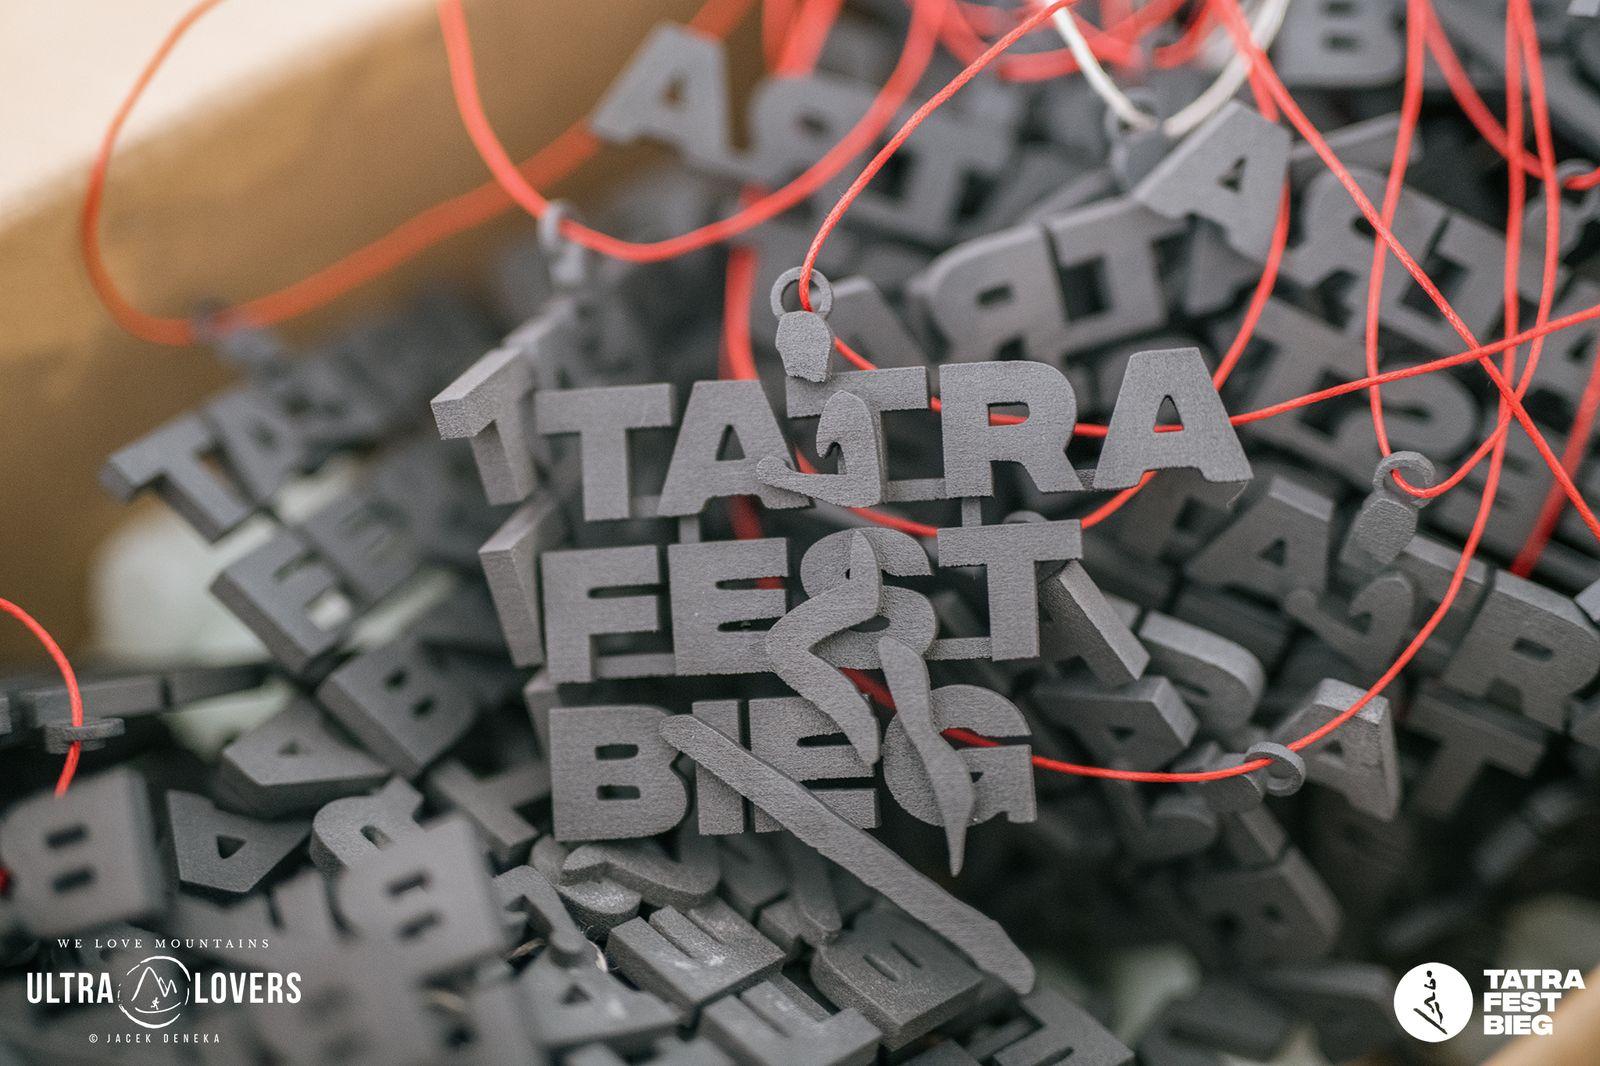 IV edycja TATRA FEST BIEGU powered by Flextrum&Ruskolina przeszła do historii